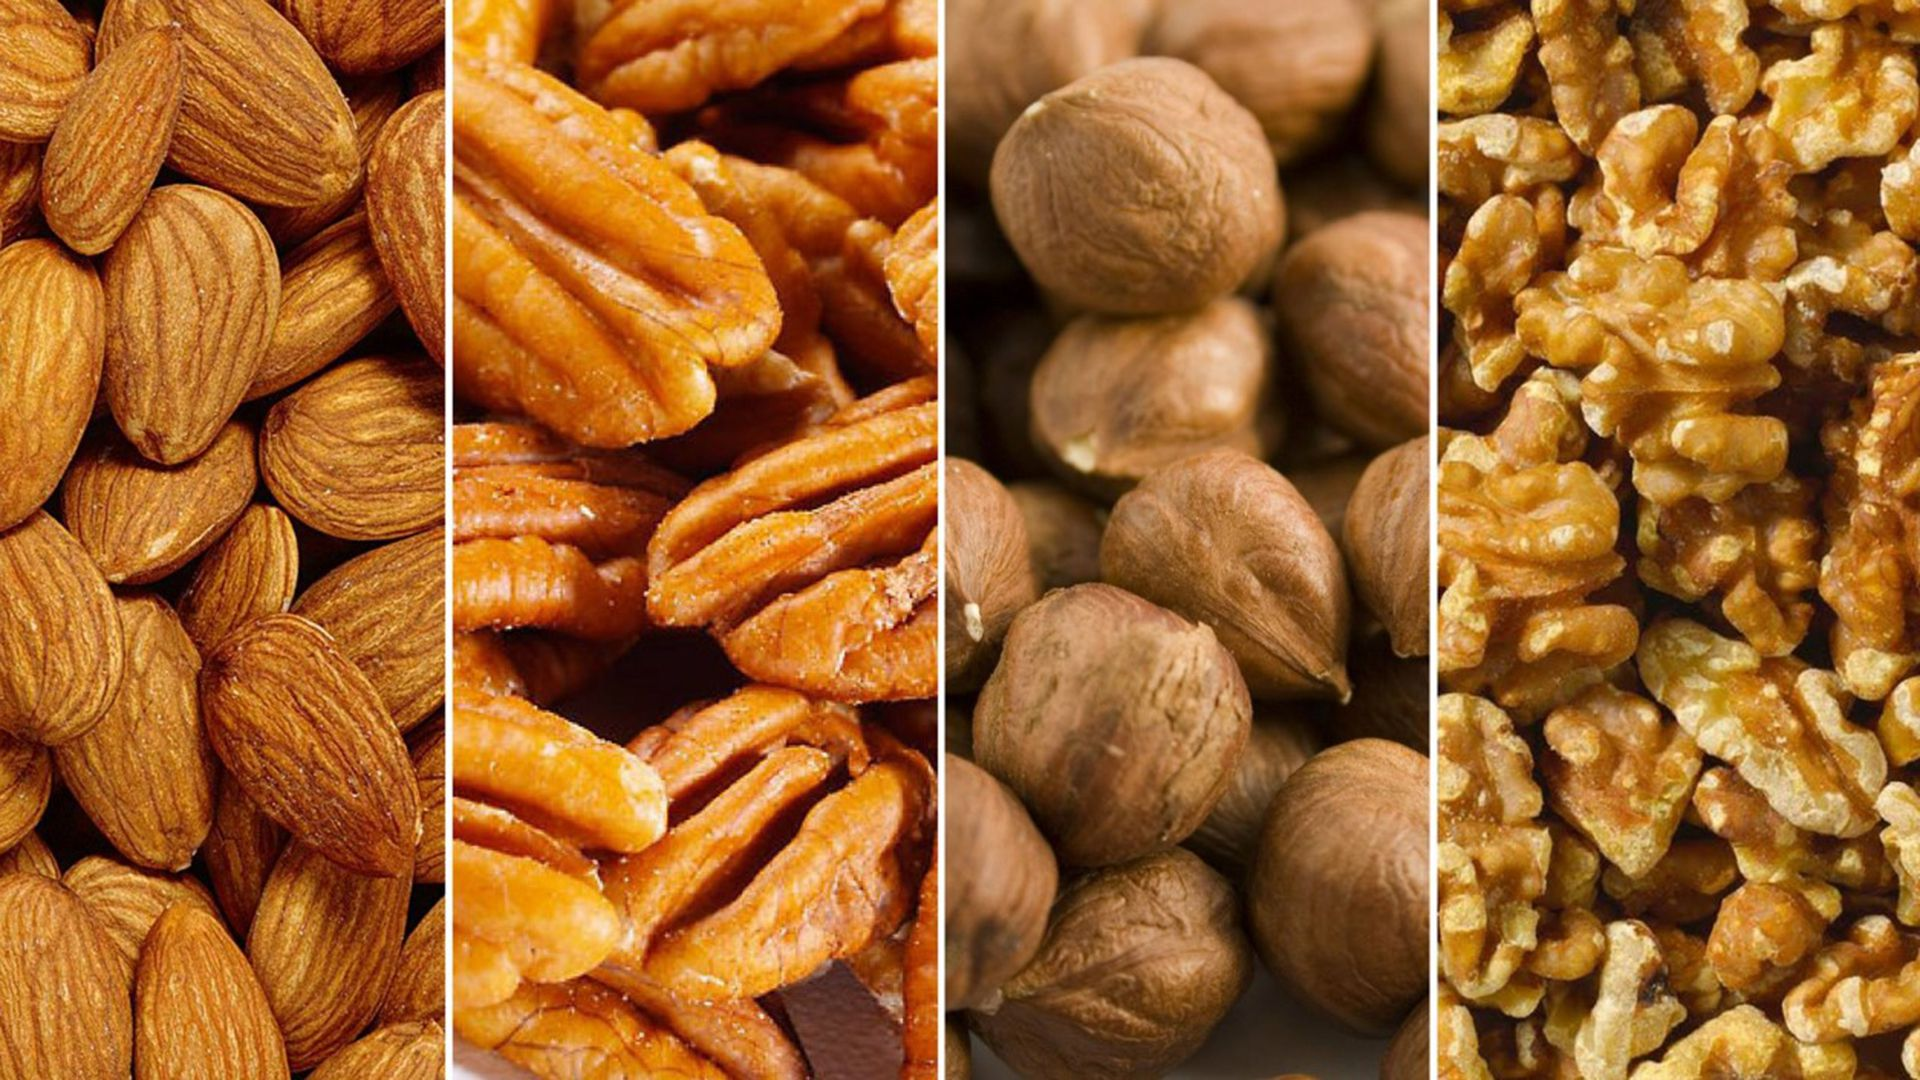 Las vitaminas del complejo B se encuentran en la mayoría de alimentos de origen vegetal, como las verduras, fruta fresca, cereales, legumbres y los frutos secos (Shutterstock)